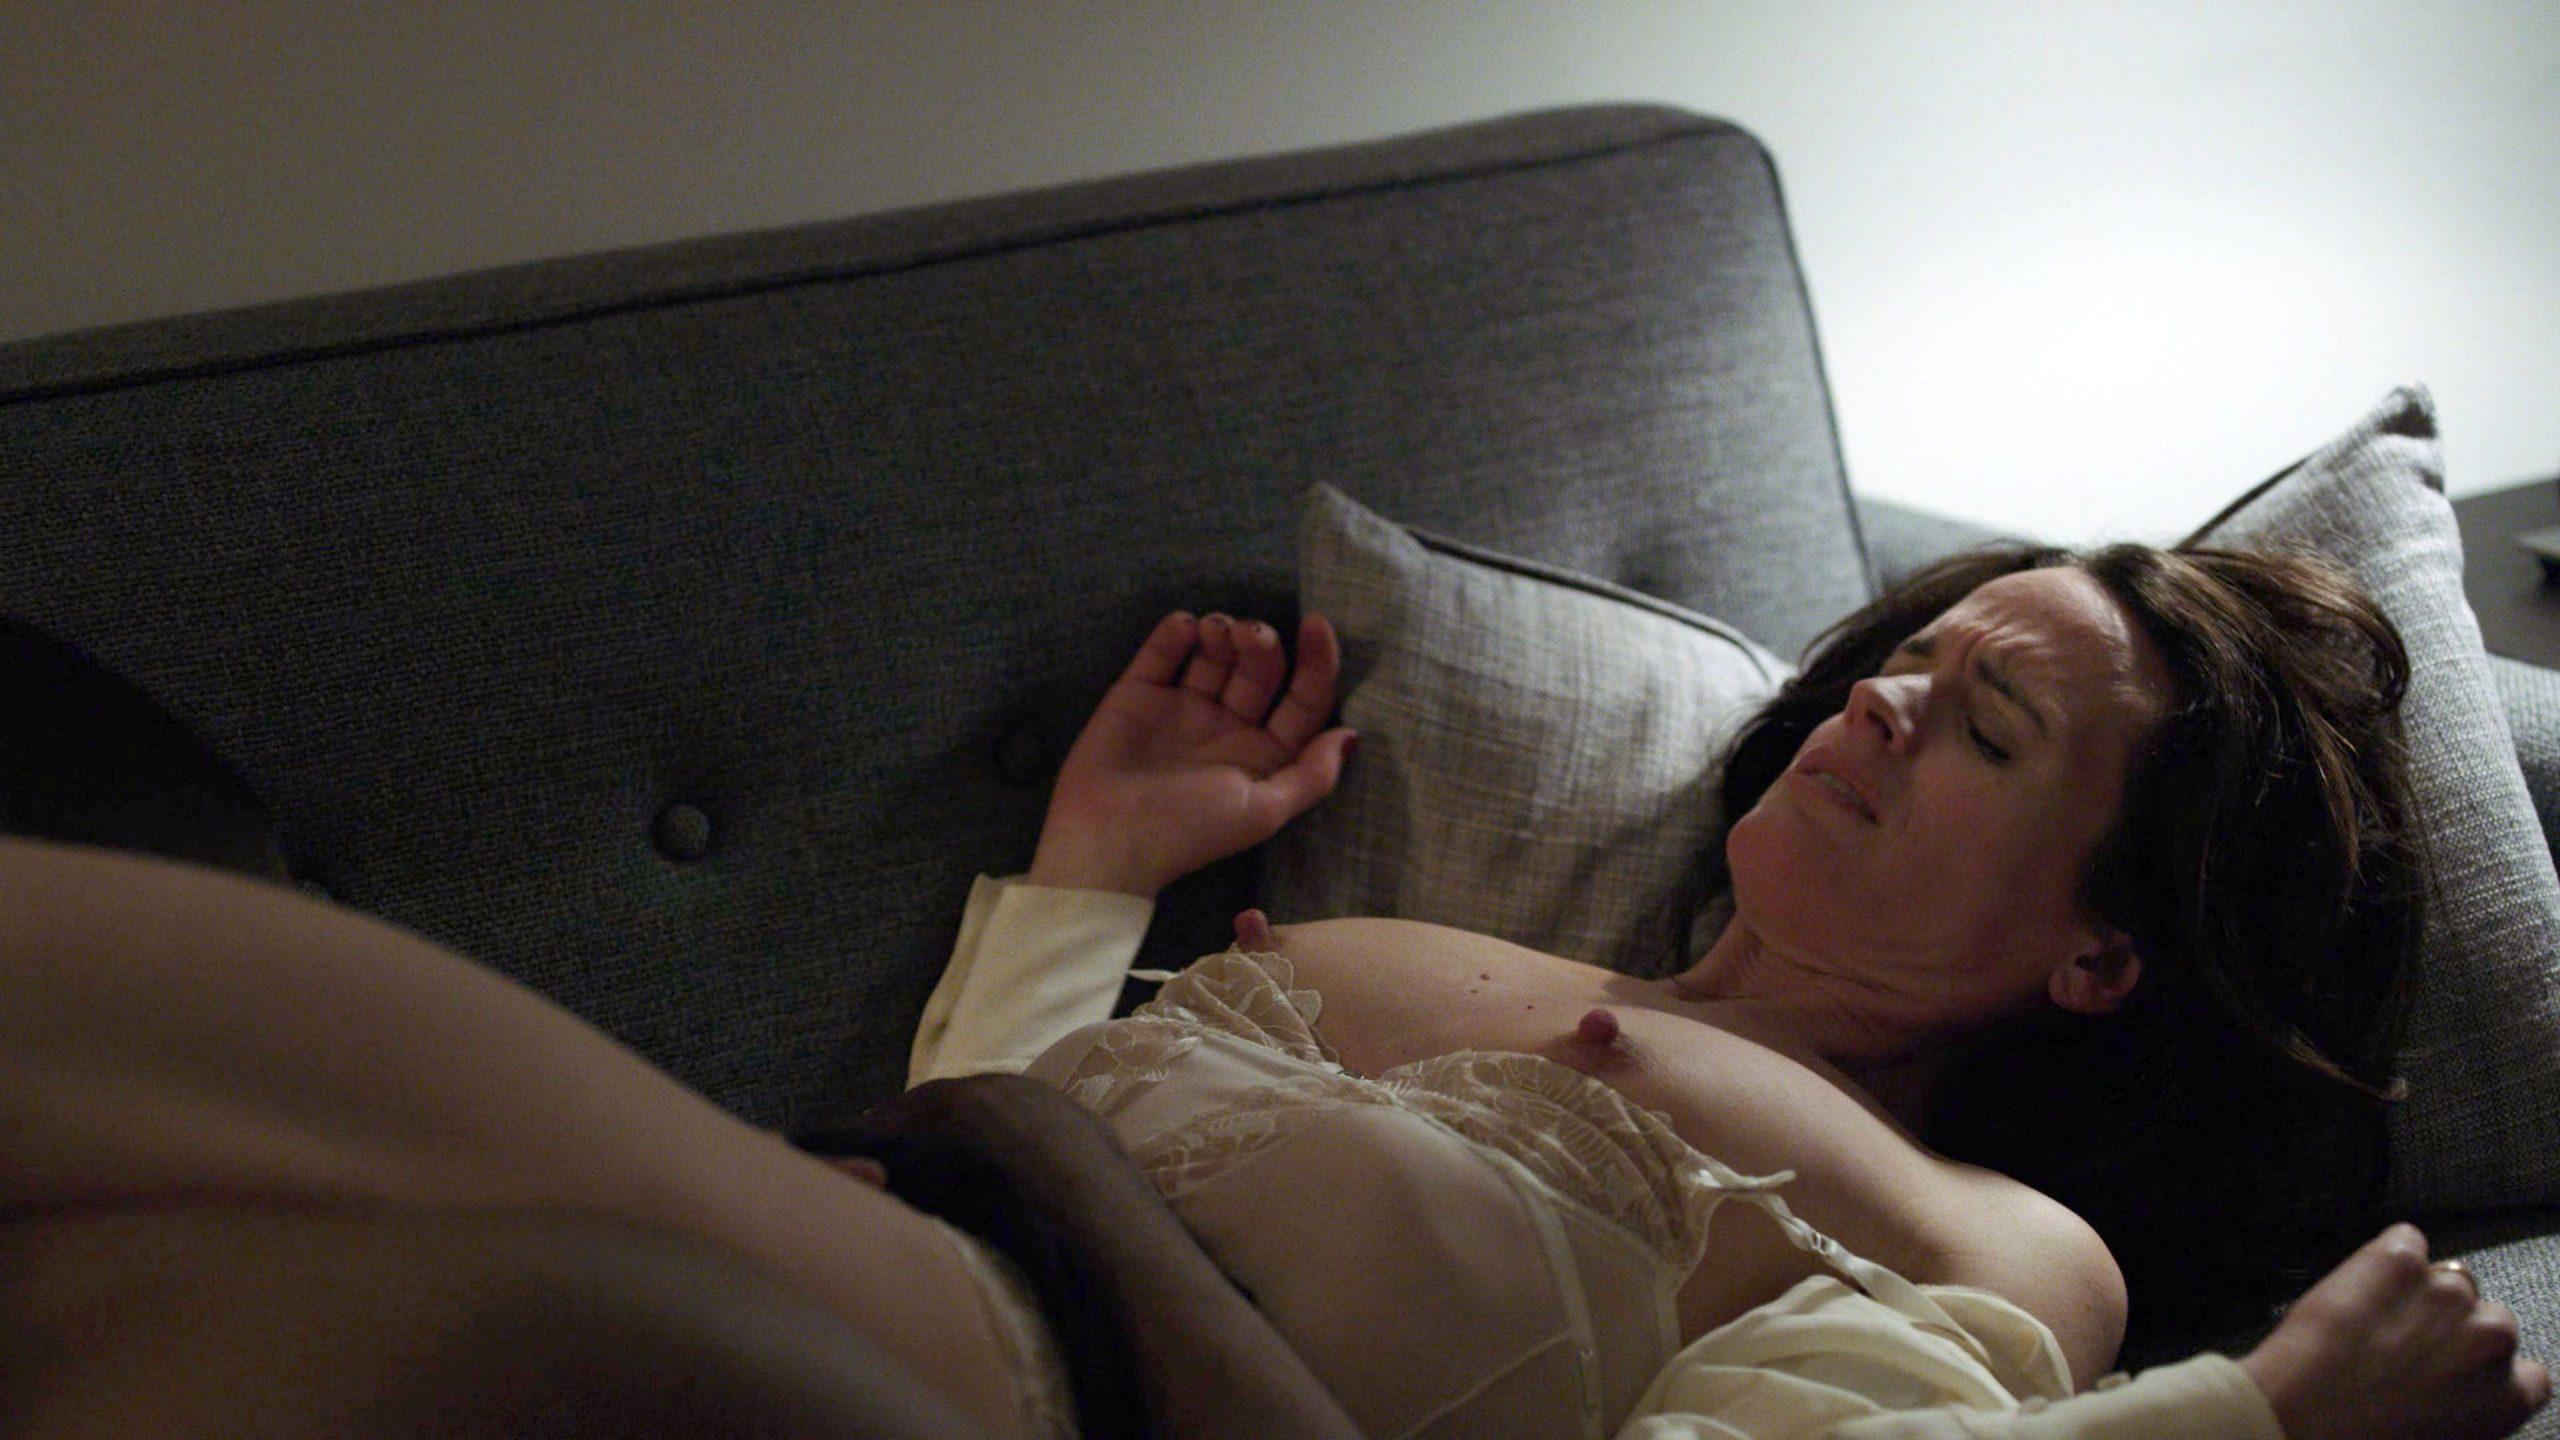 Porn Images elizabeth reaser nude photos